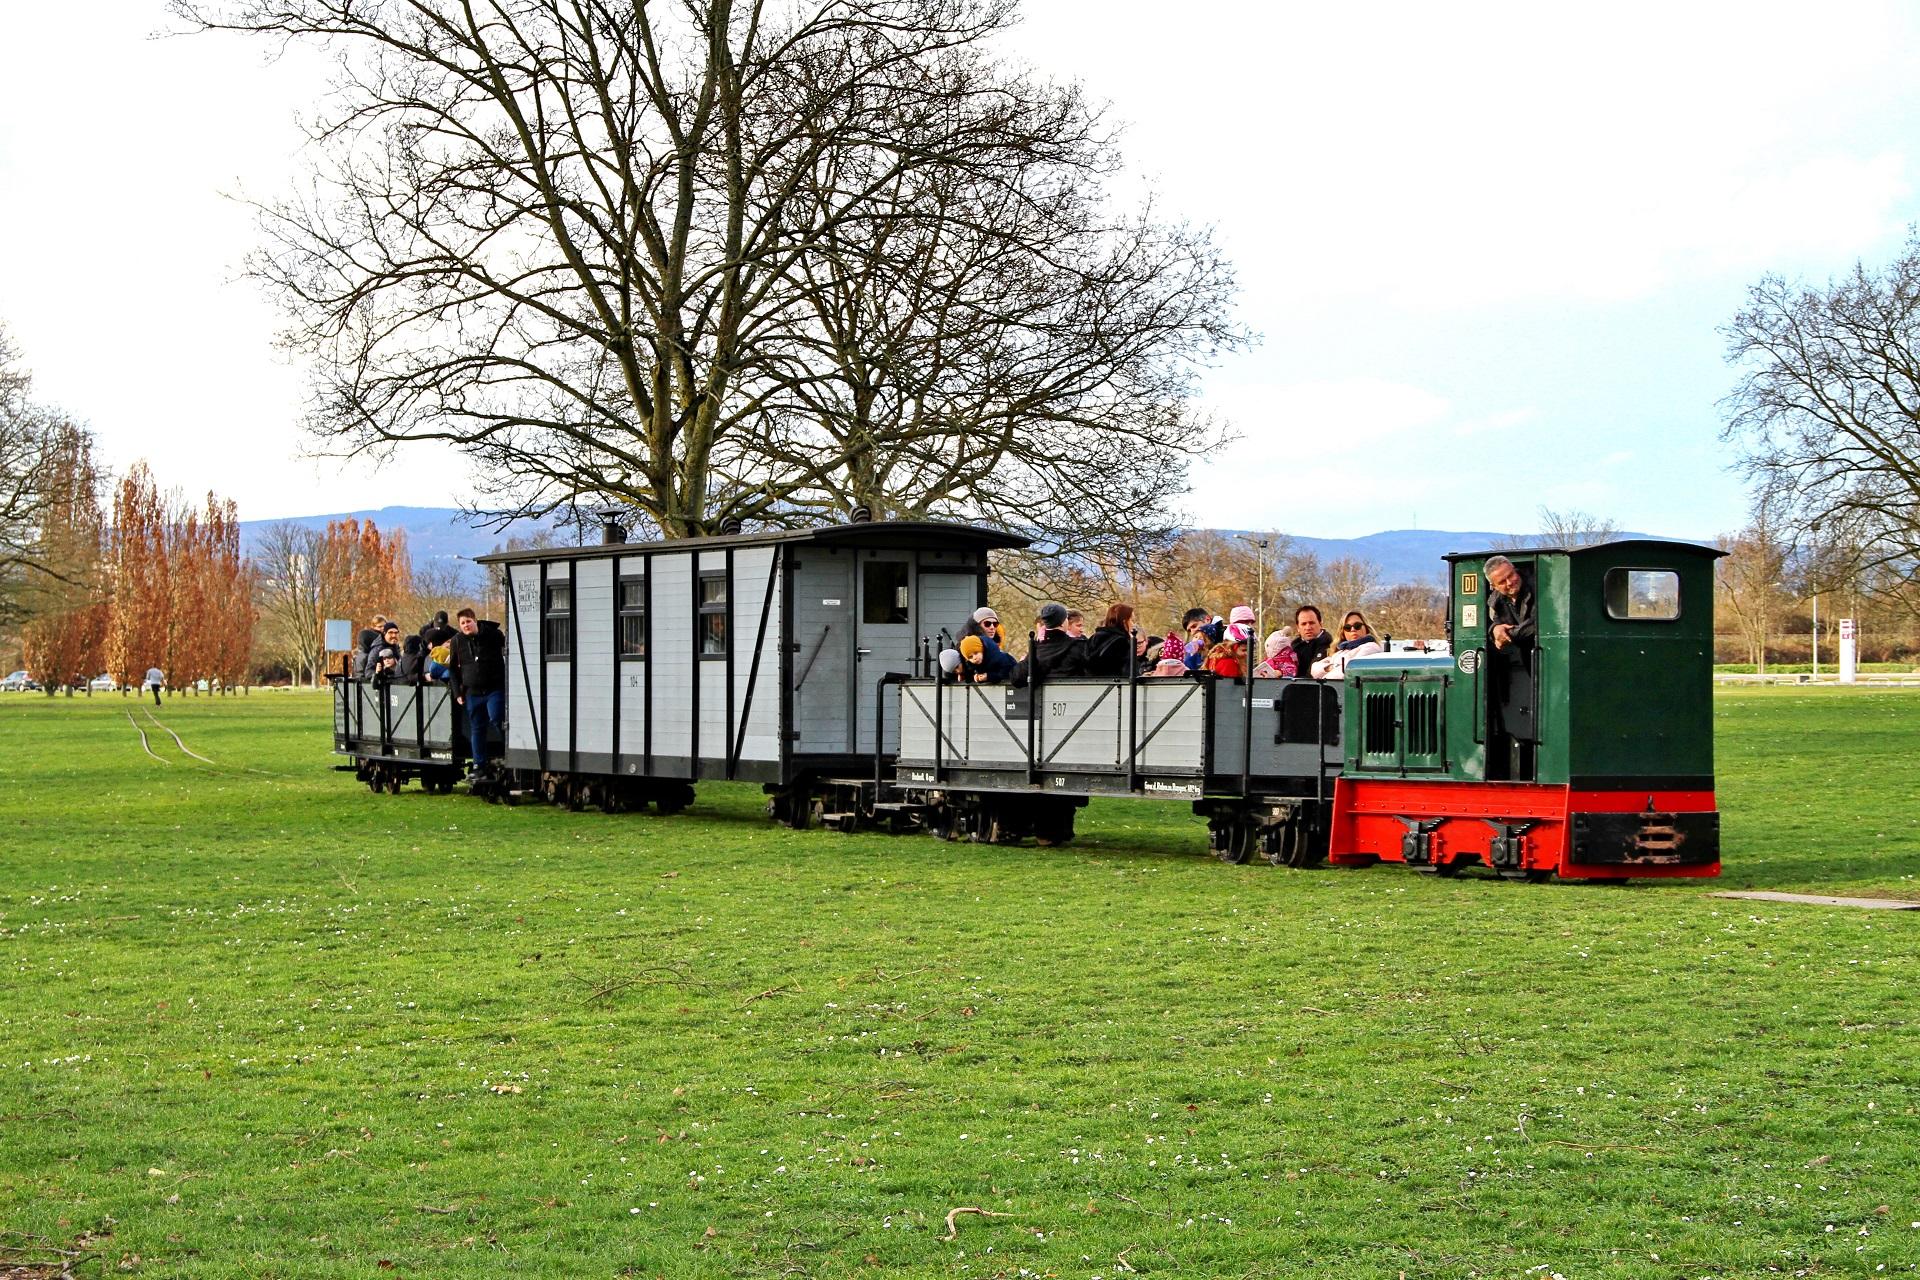 Ihr Arbeitsleben verbrachte Lok D1 auf Baustellen, seit 1976 gehört sie zum Frankfurter Feldbahnmuseum